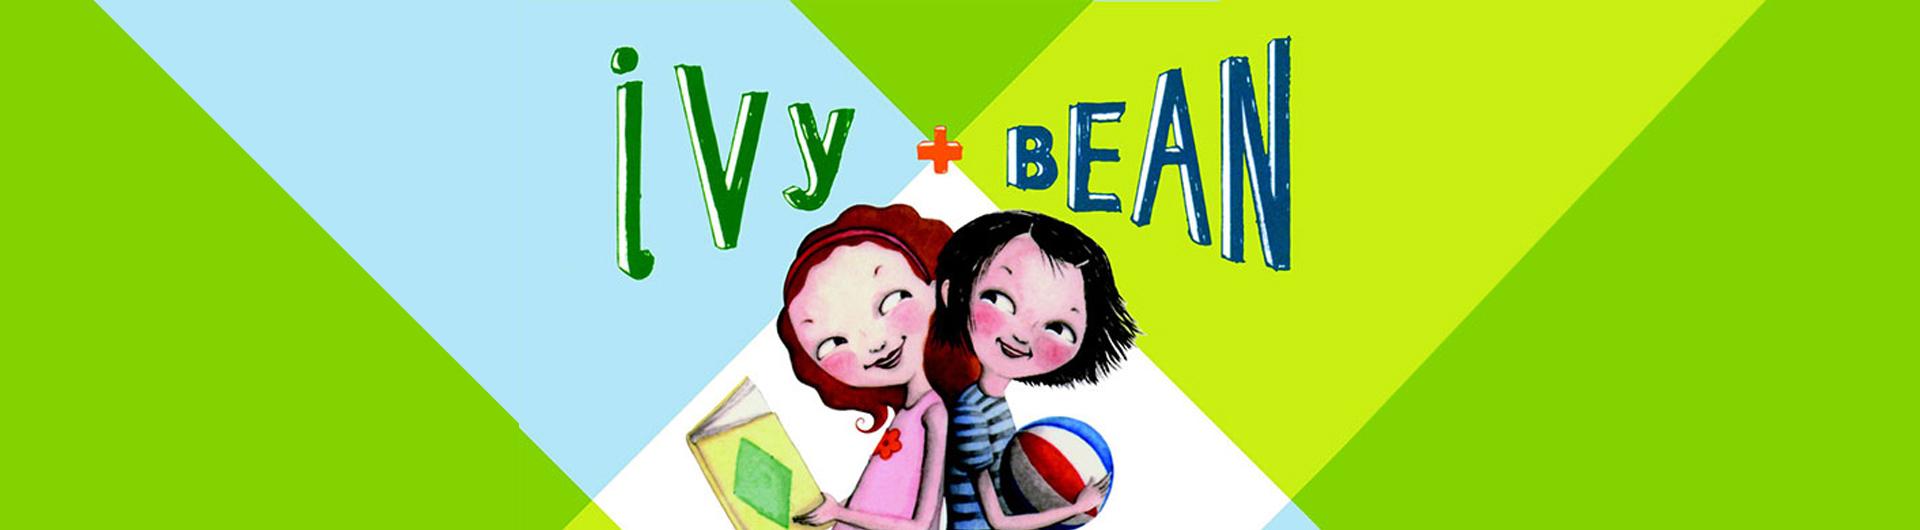 Ivy & Bean: The Musical